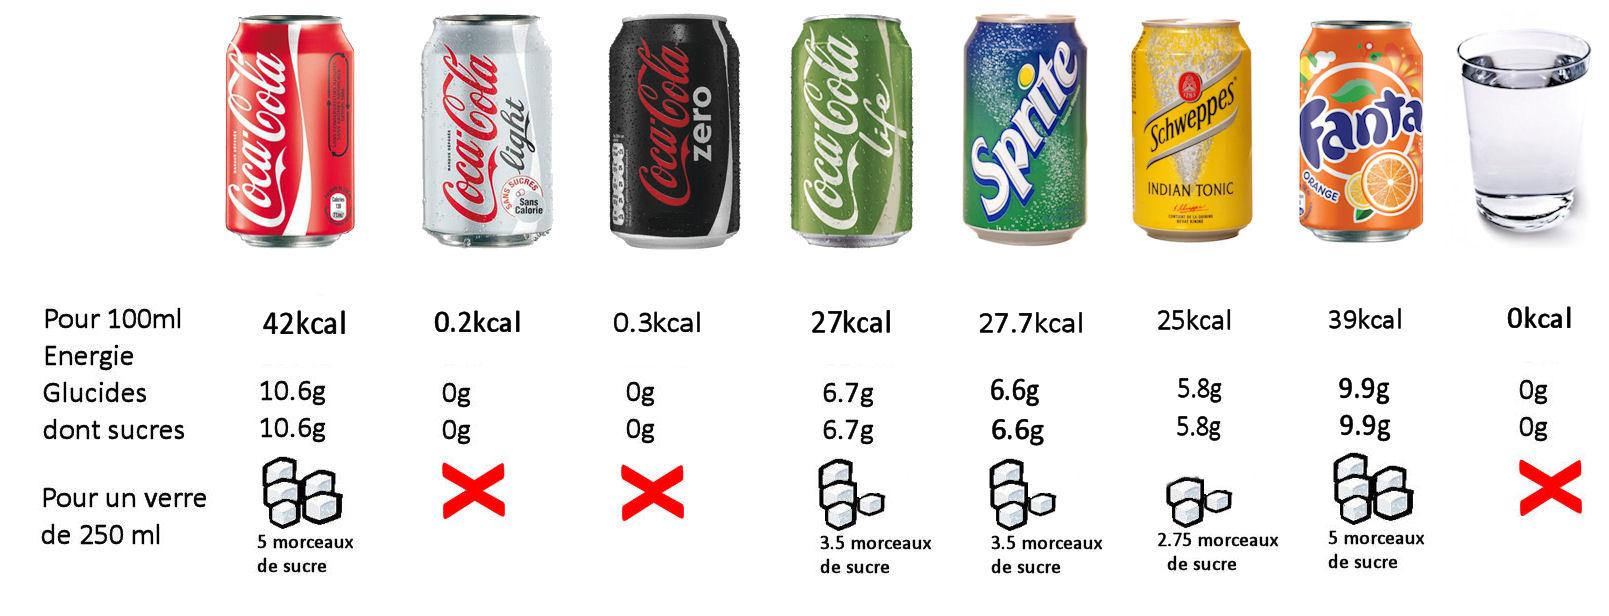 Infographie sur les boissons